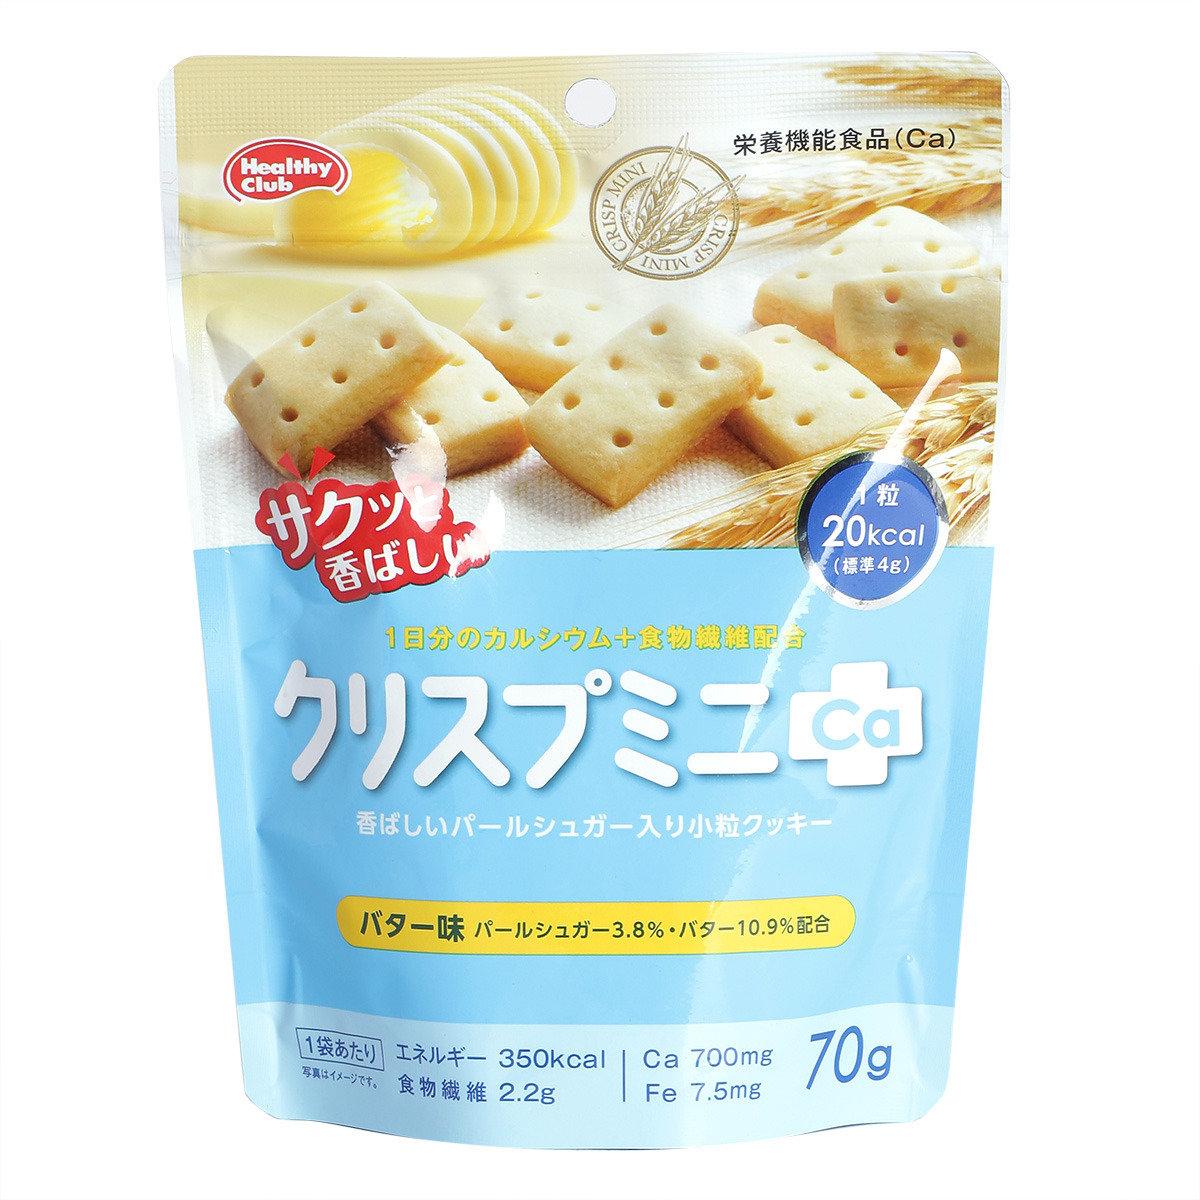 迷你營養餅易拉袋(牛油)